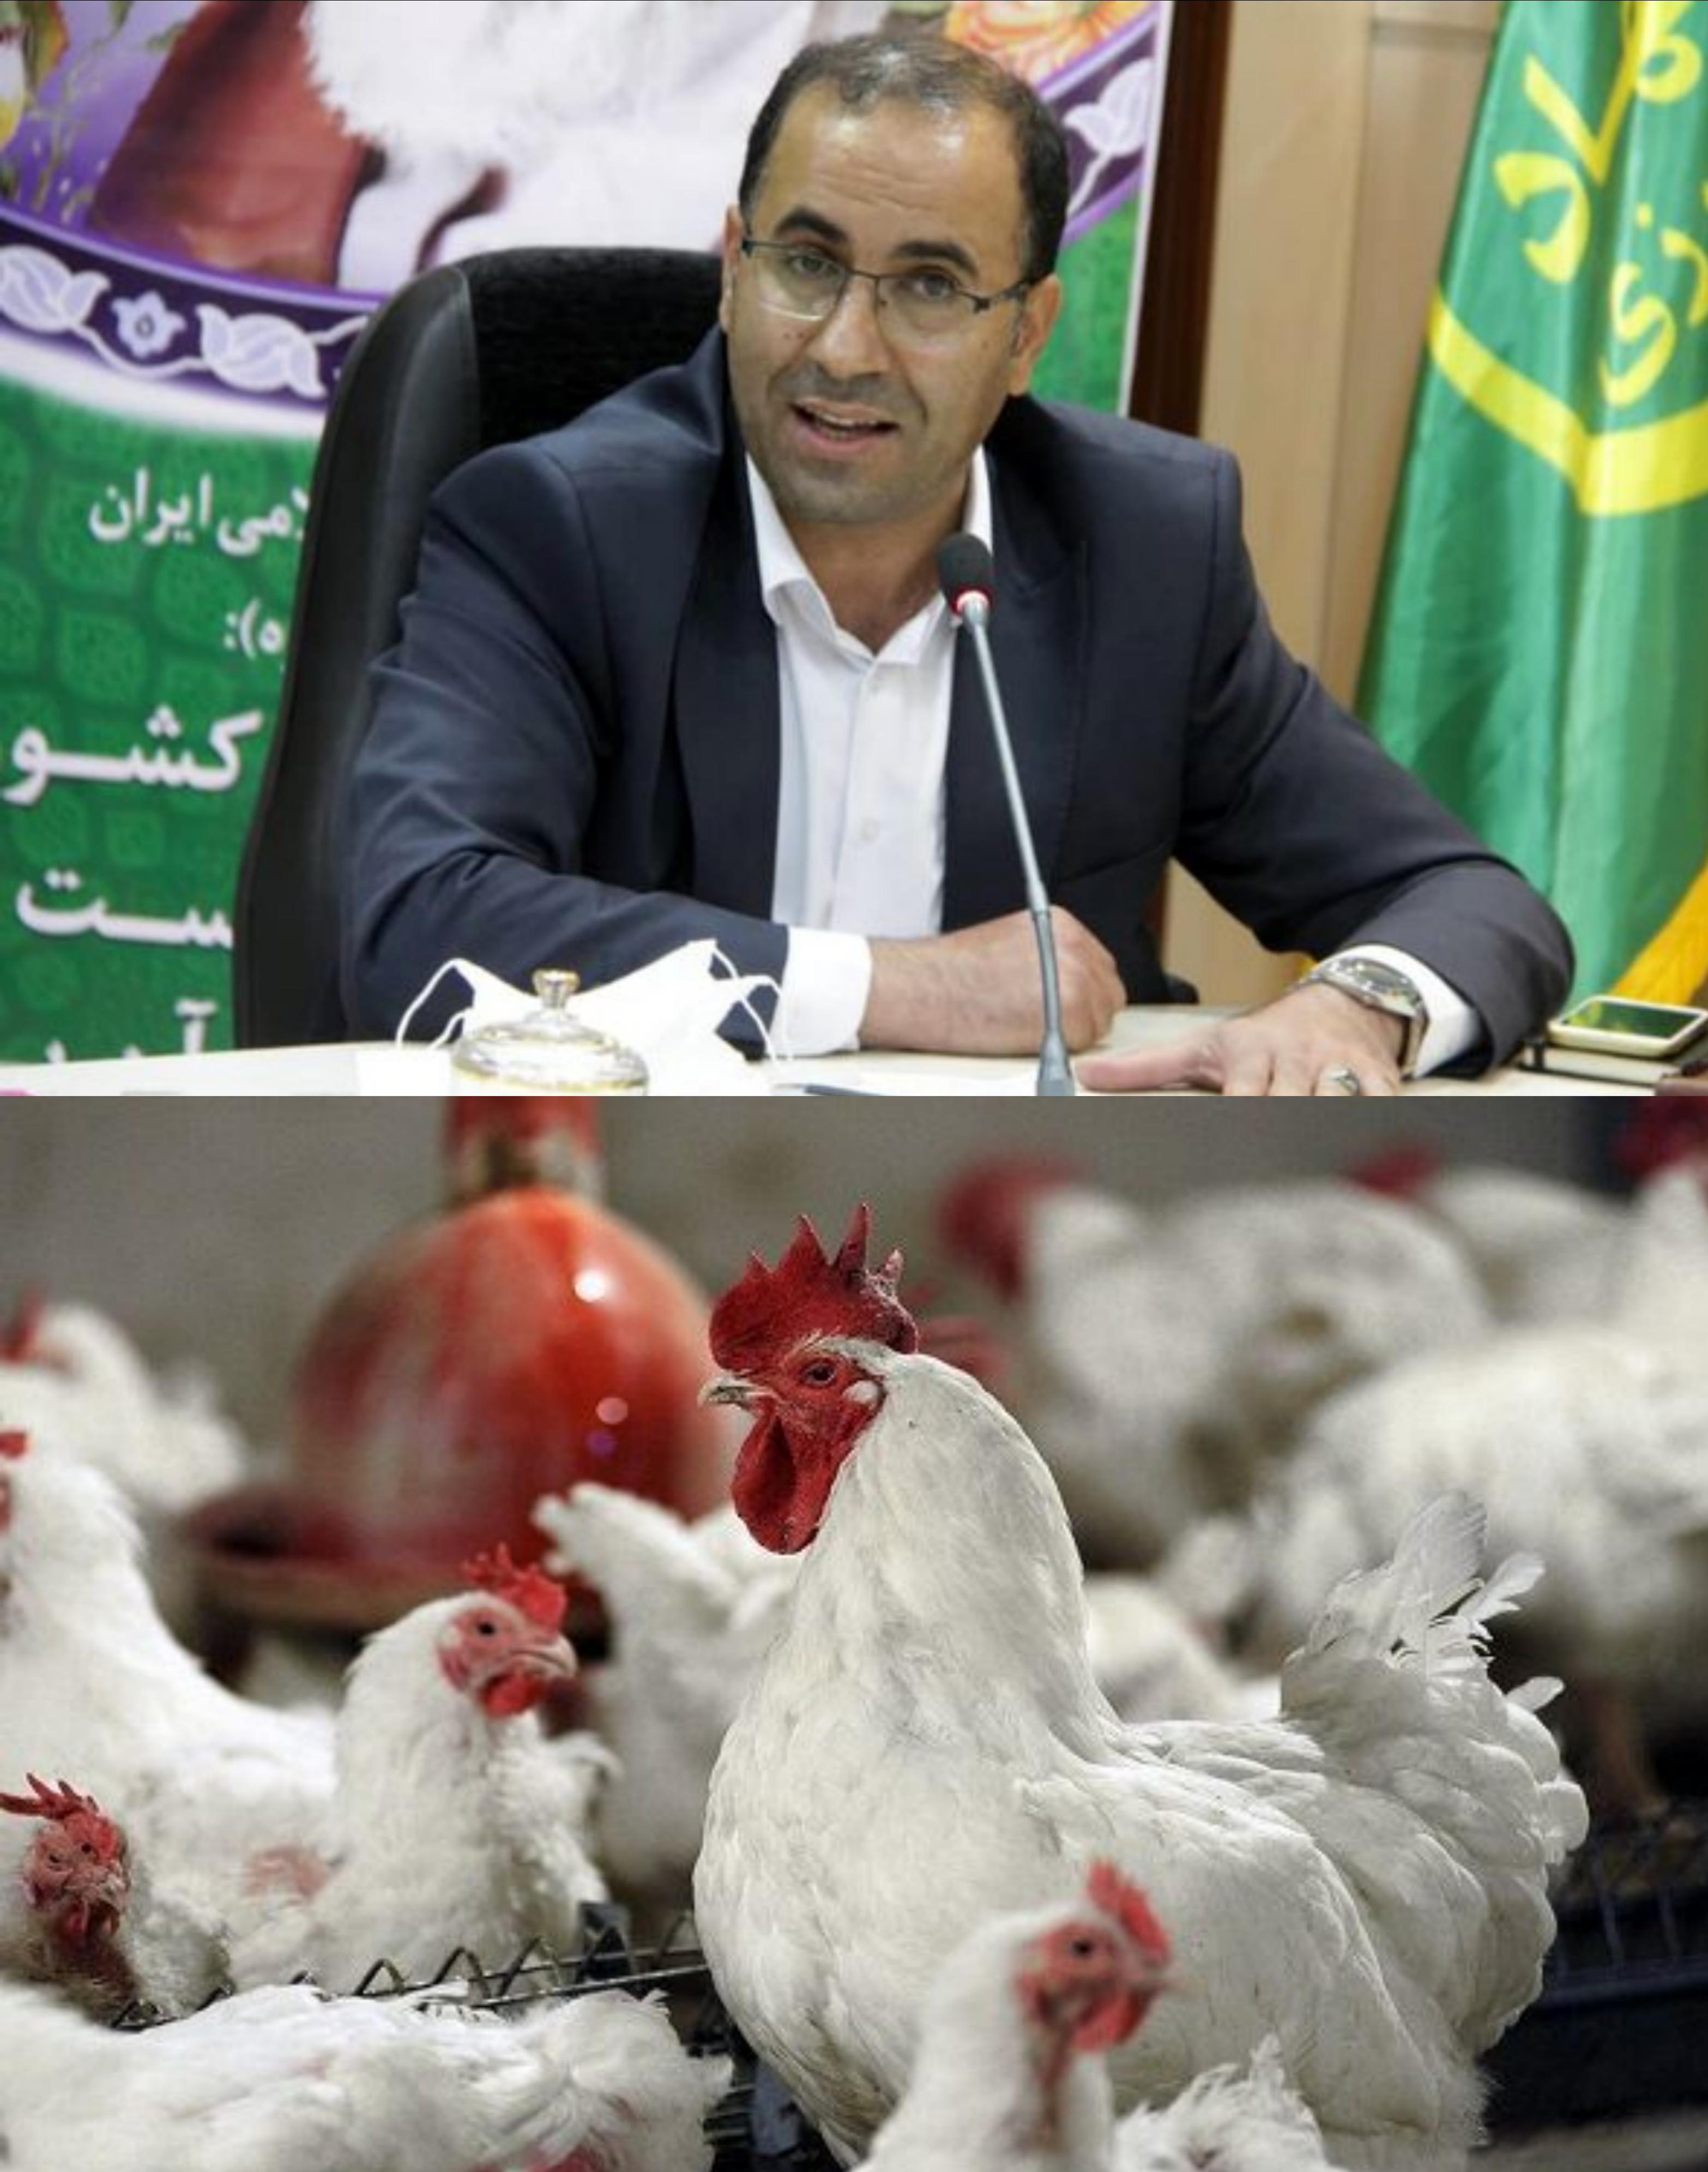 پیشبینی تولید ۵۷۰۰ تُن مرغ در ماه مبارک رمضان: